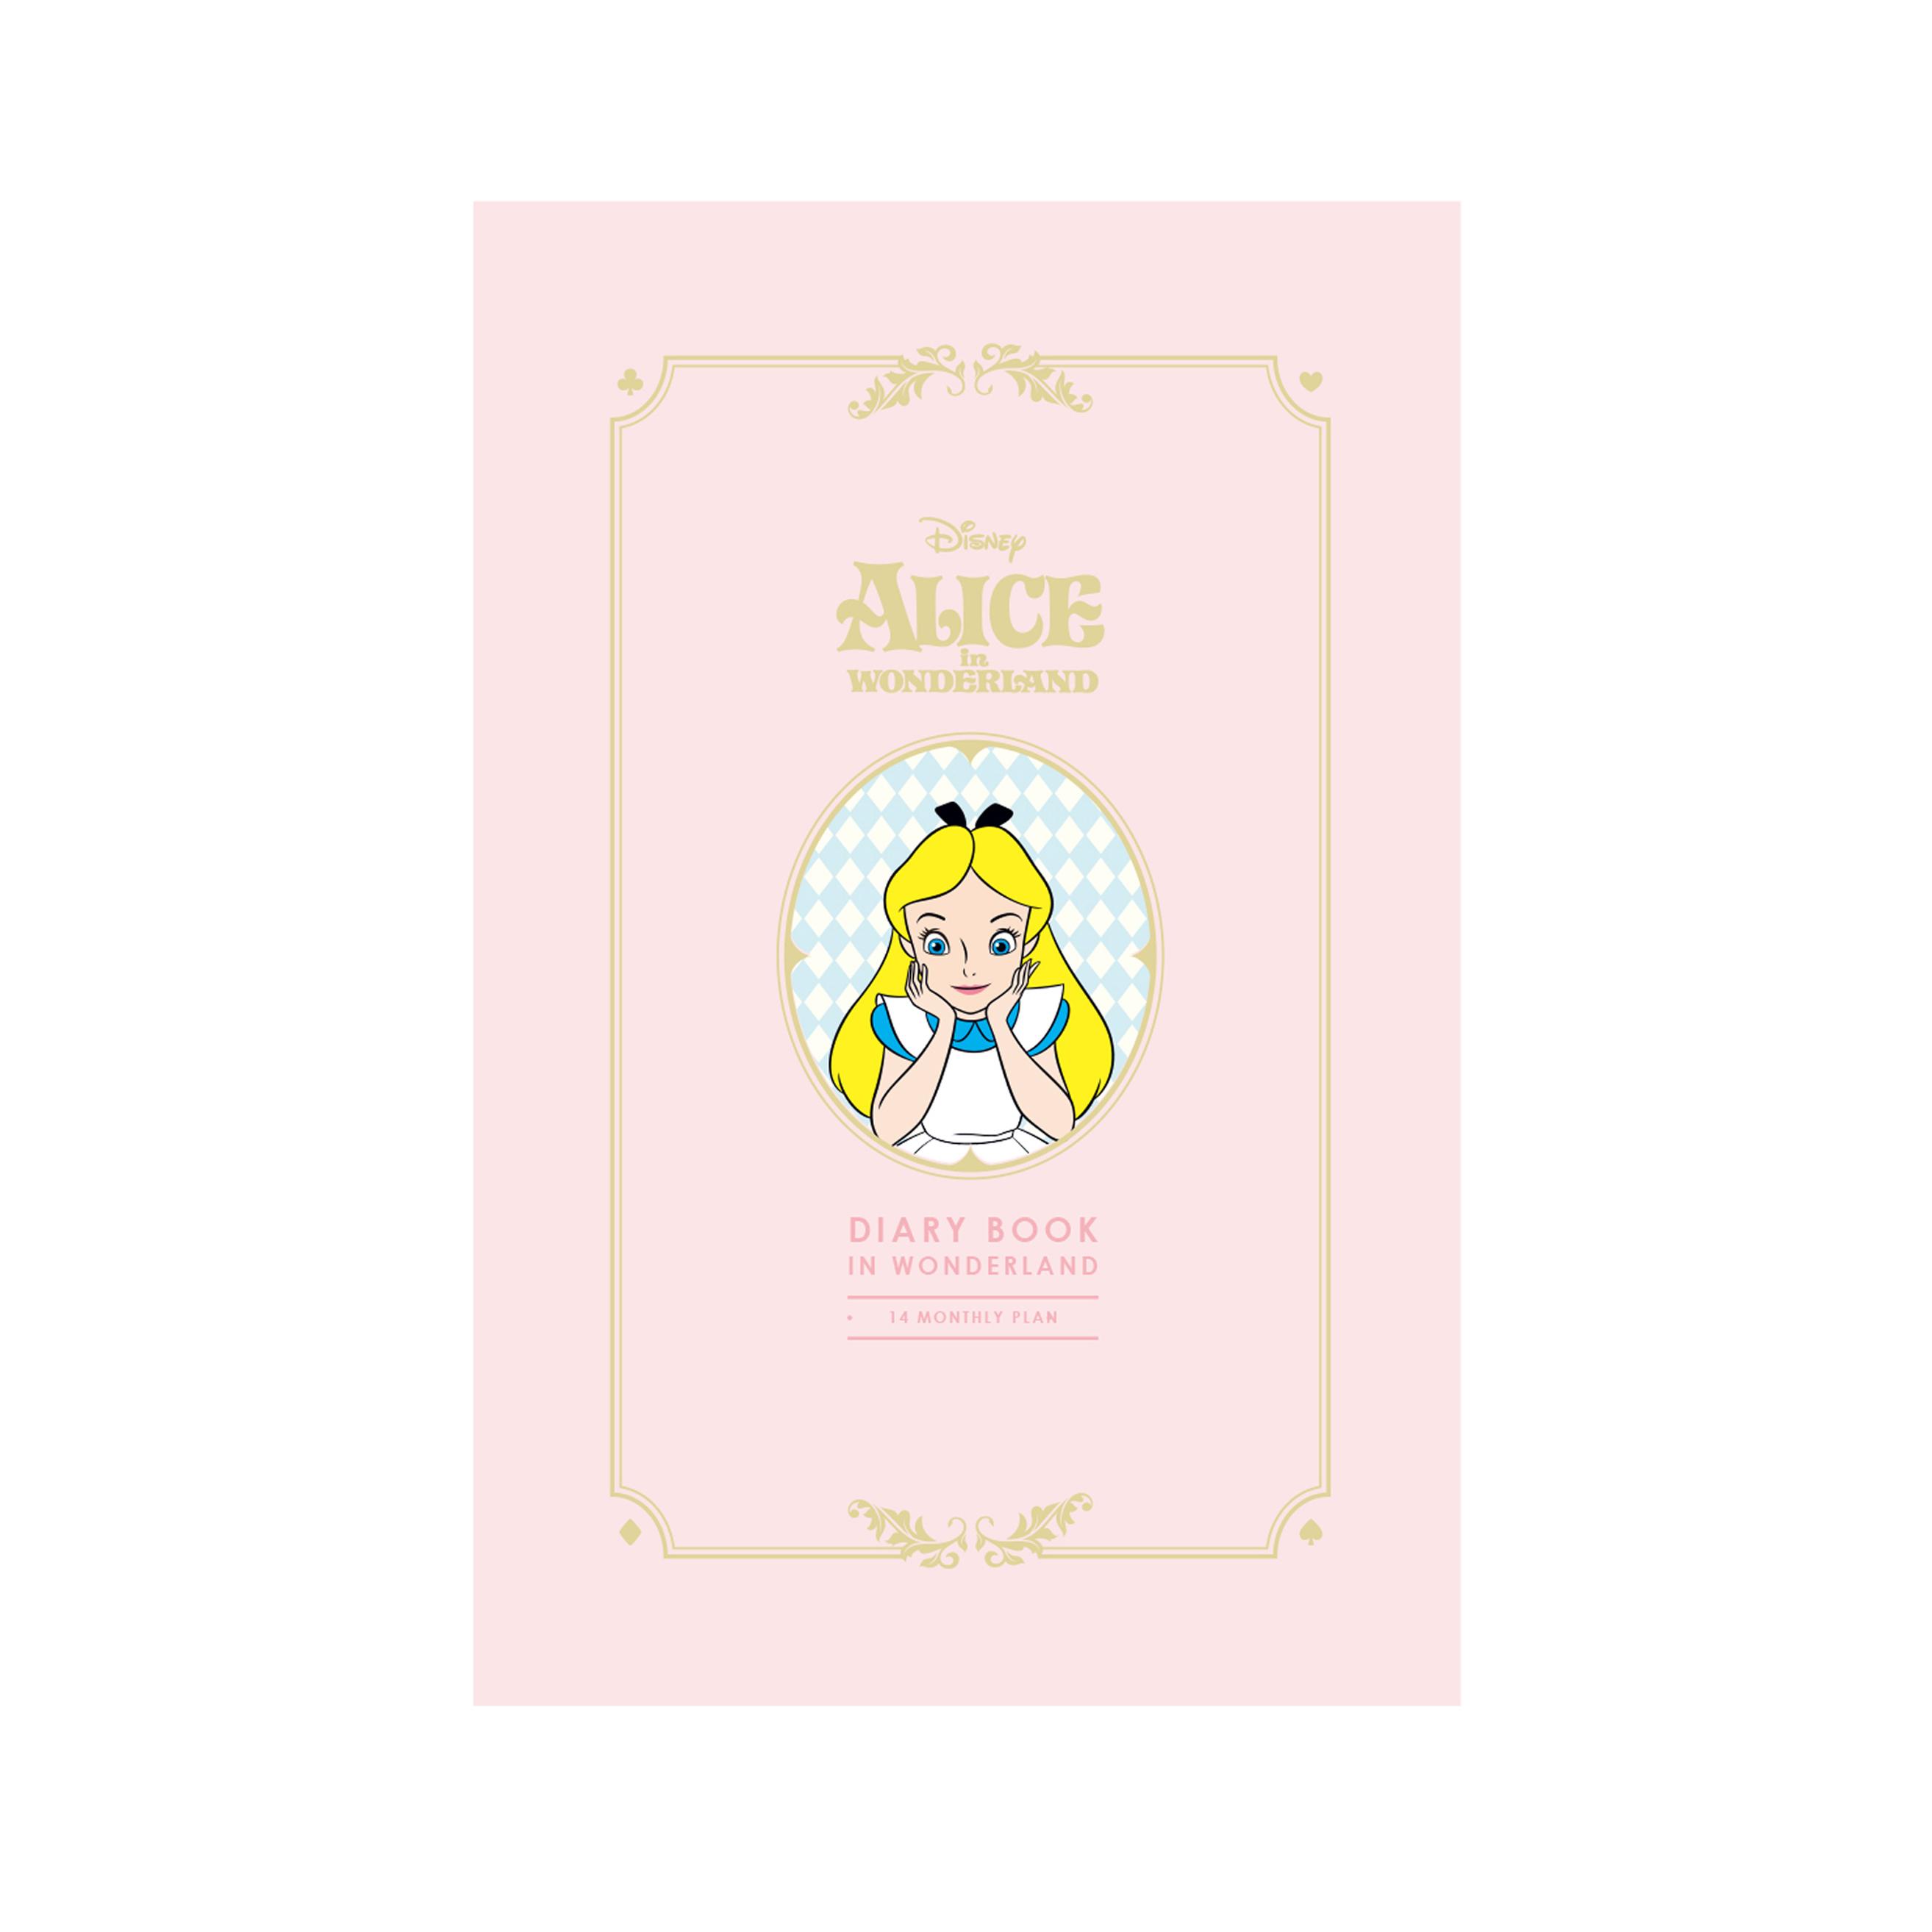 디즈니 이상한 나라의 앨리스 만년 다이어리 북, 핑크